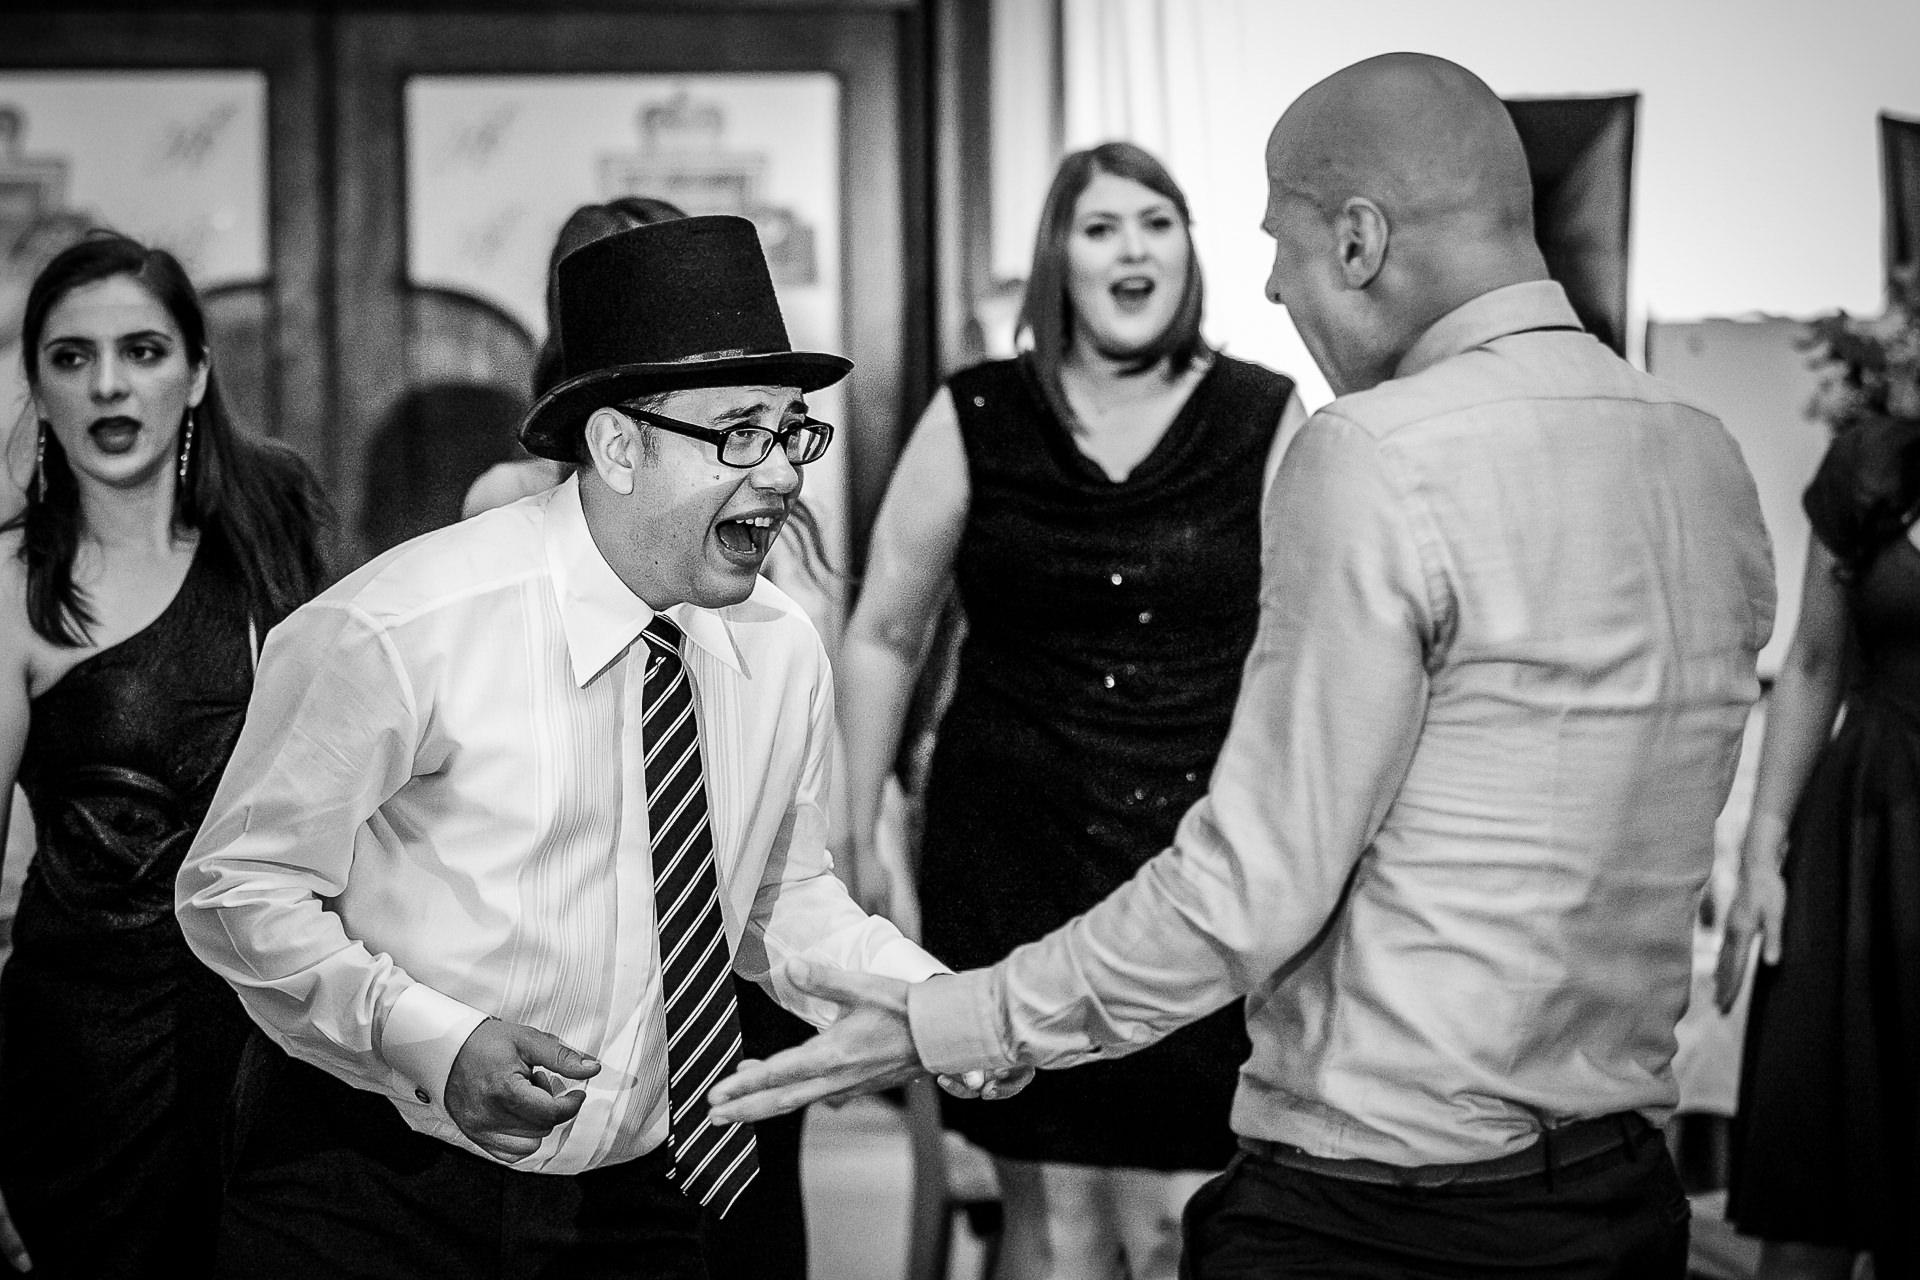 nuntă Salon Elisabeta - Elena şi Costin - Mihai Zaharia Photography - 069